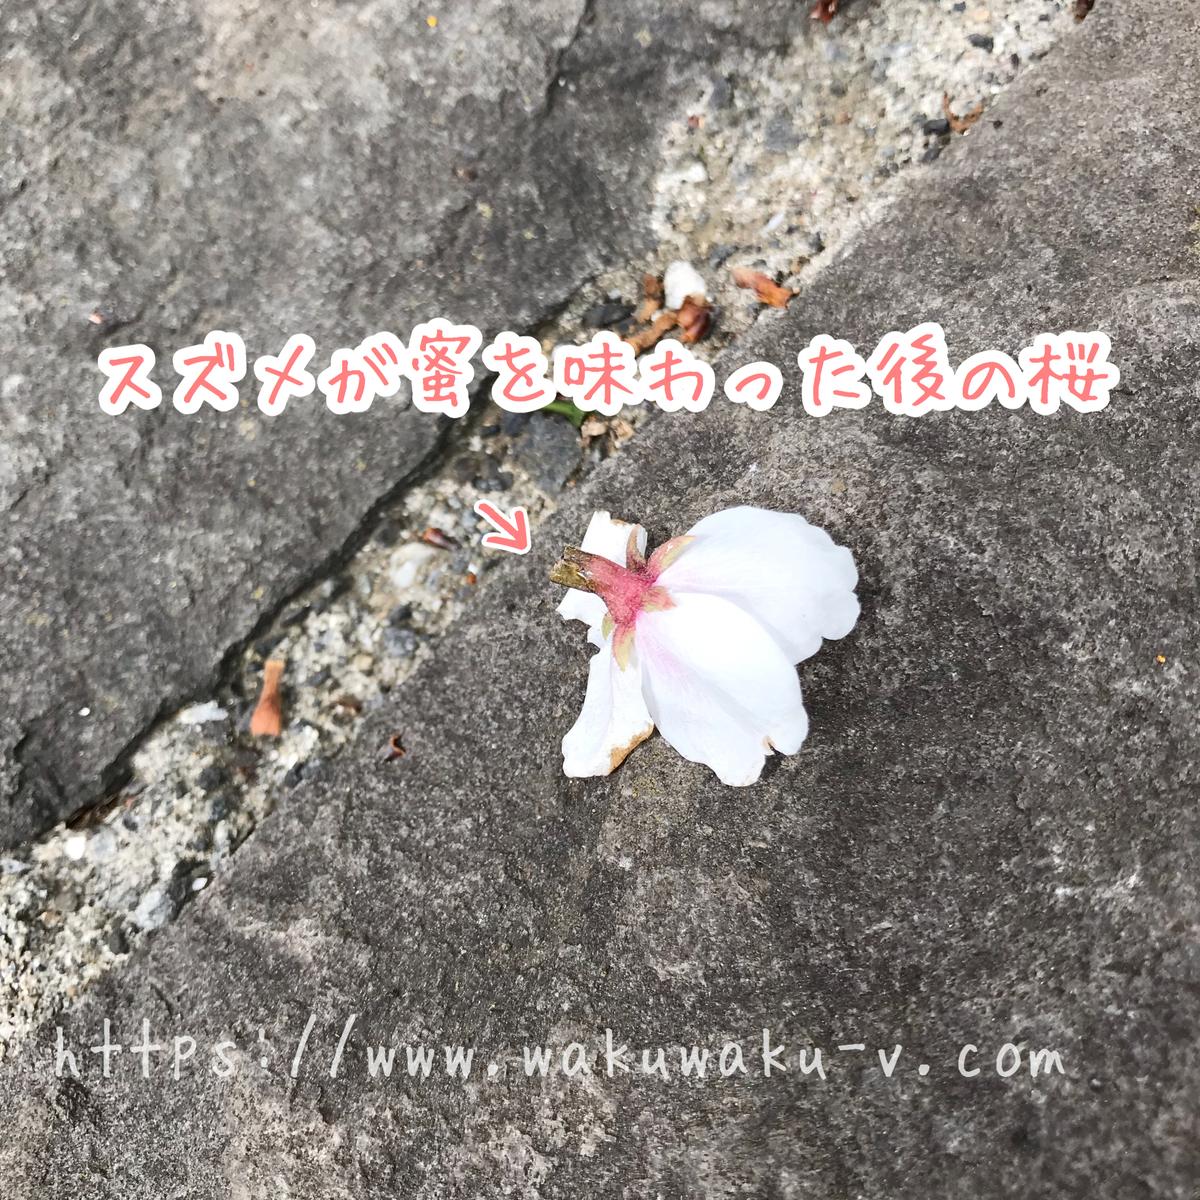 スズメ 桜